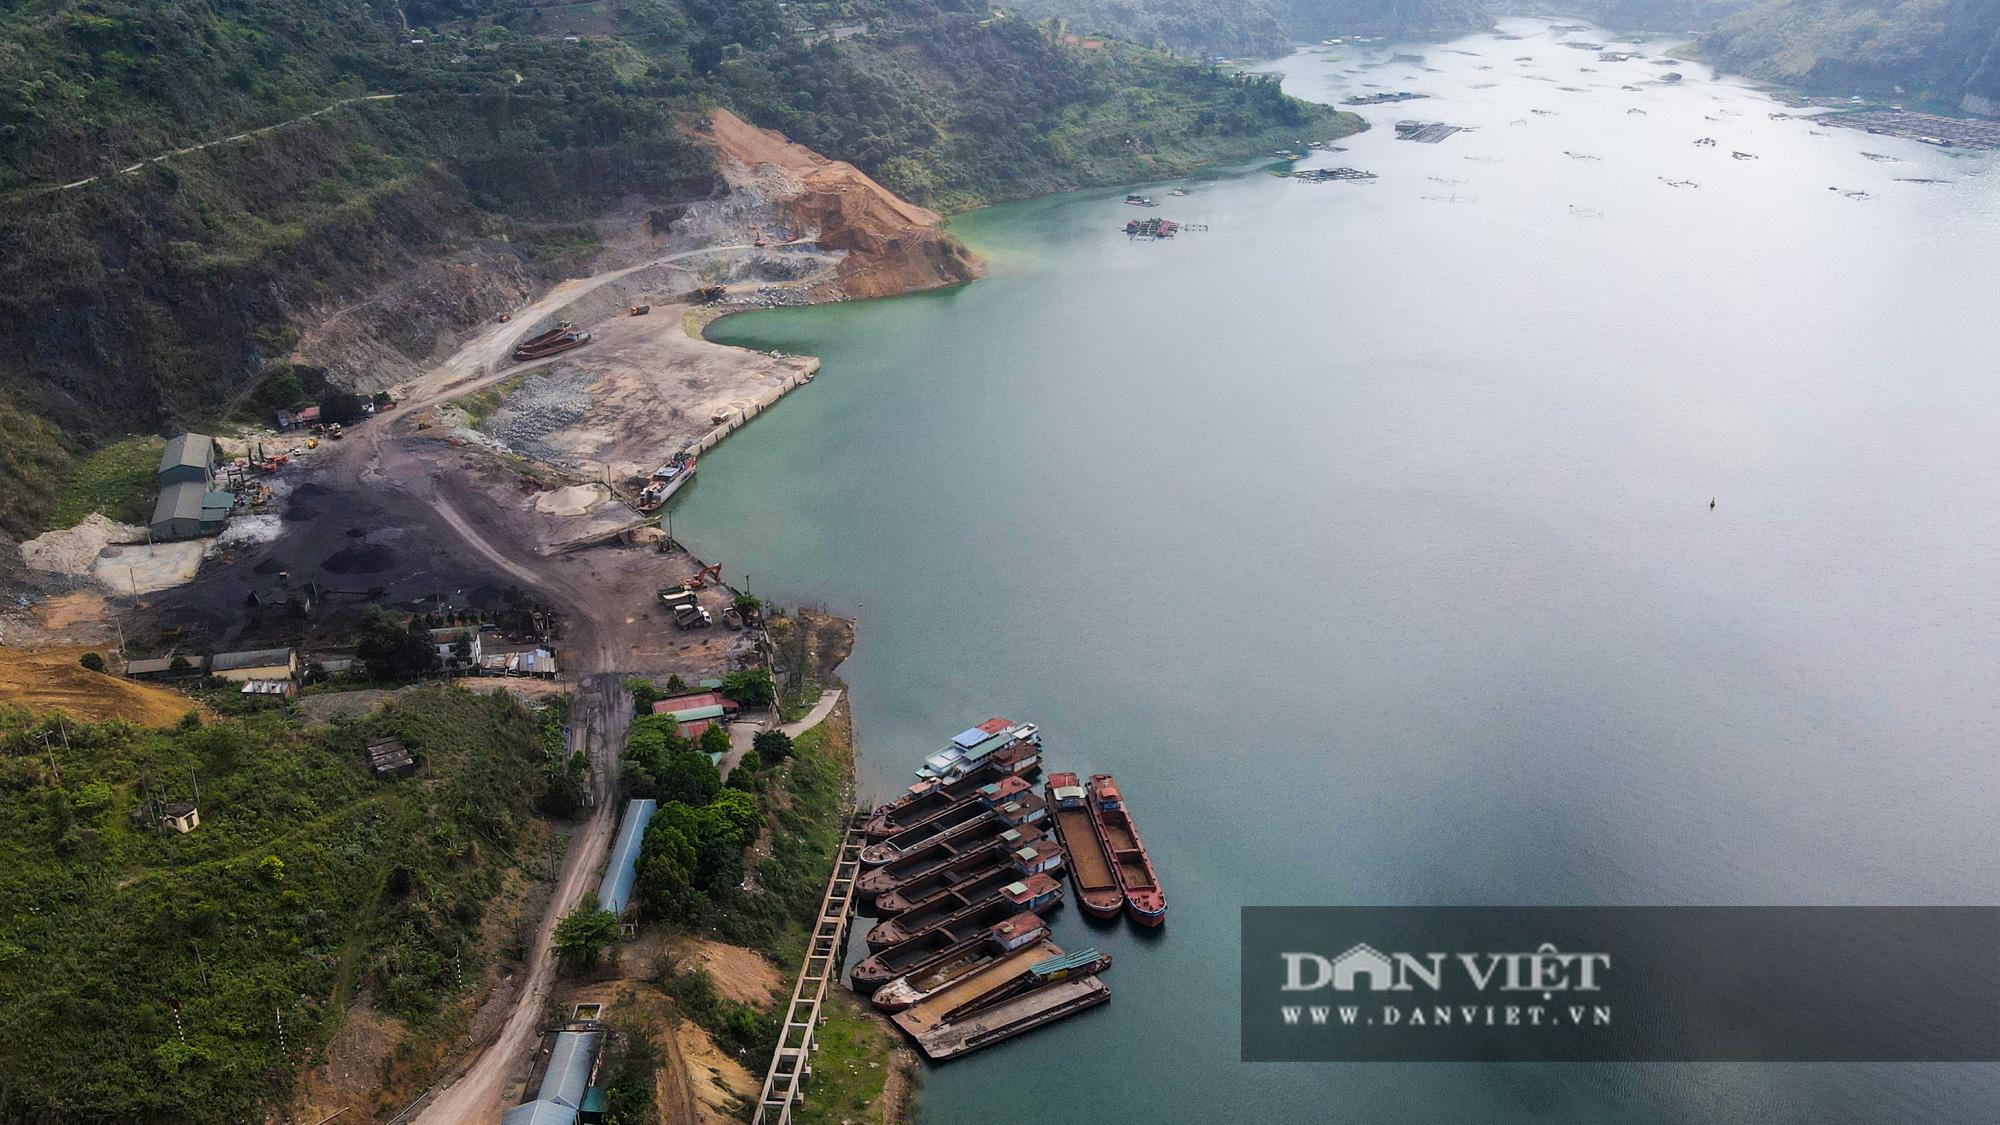 Công trình mở rộng nhà máy thuỷ điện Hoà Bình hơn 9000 tỷ nhìn từ trên cao  - Ảnh 8.